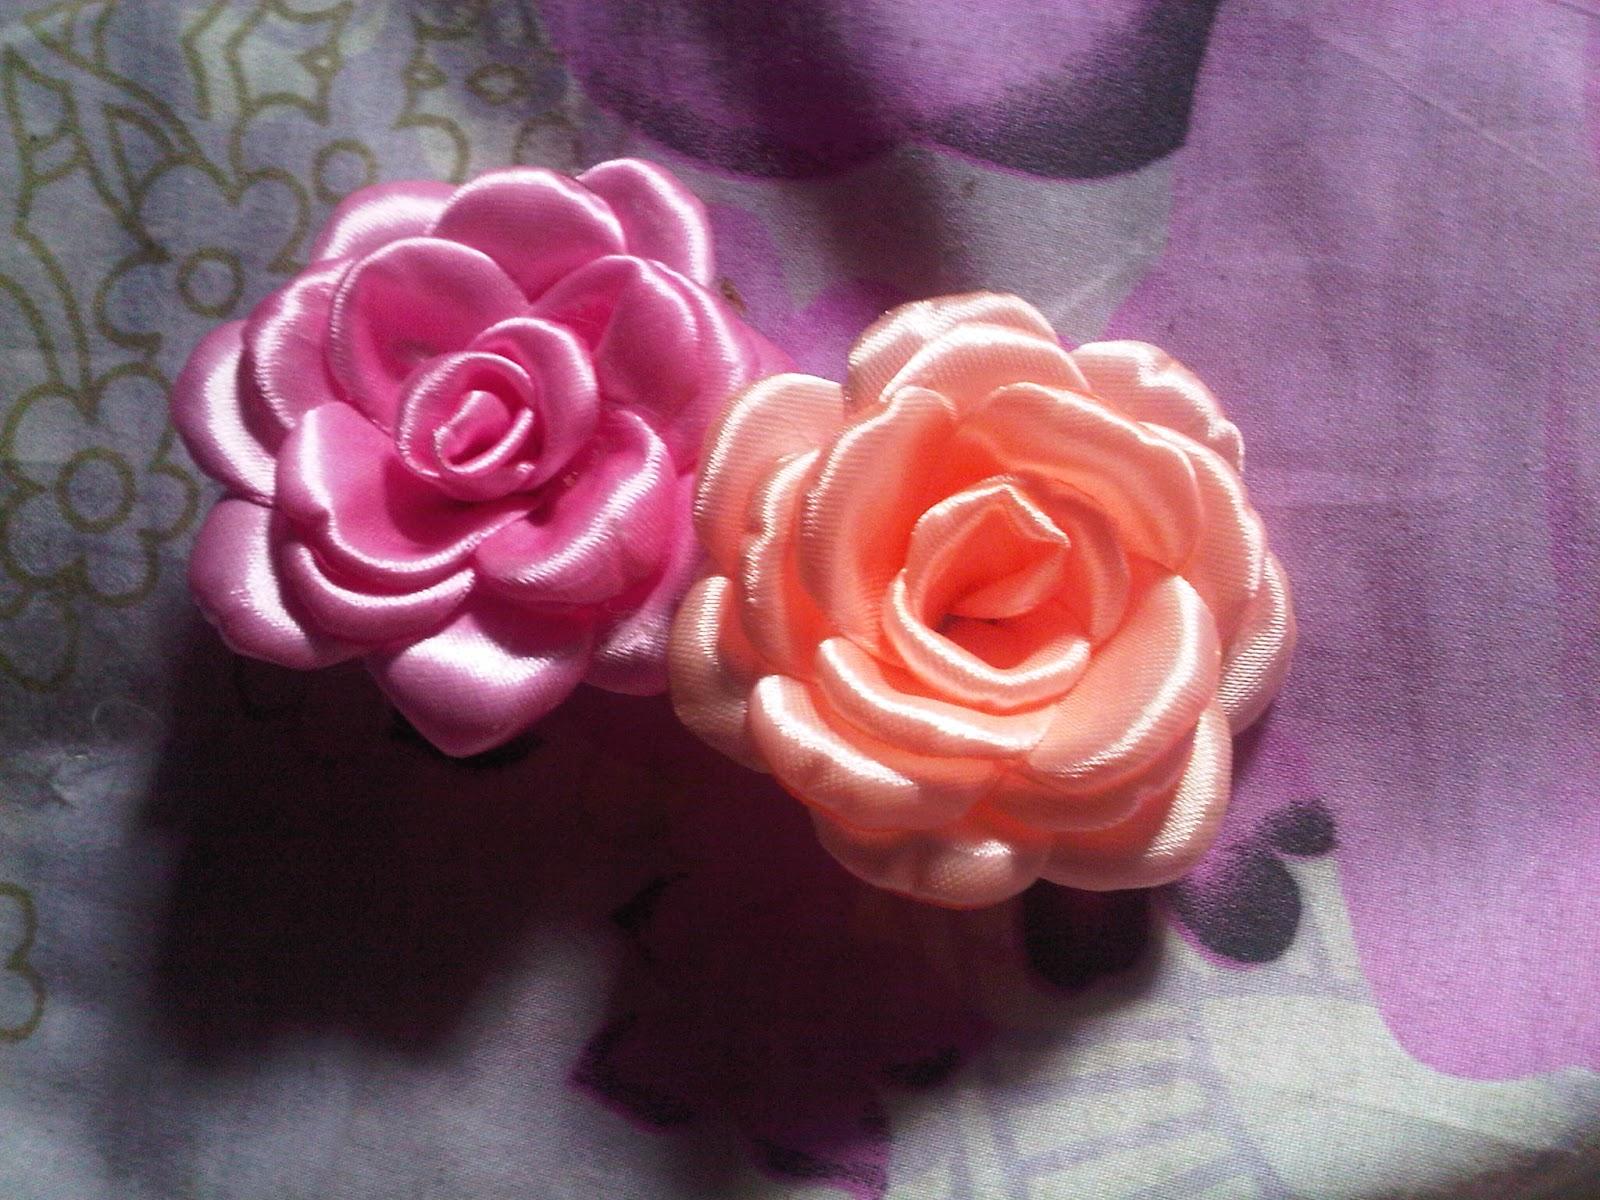 Mari Belajar Bersama: Cara Membuat Roseburn/ Mawar Bakar ... - photo#1